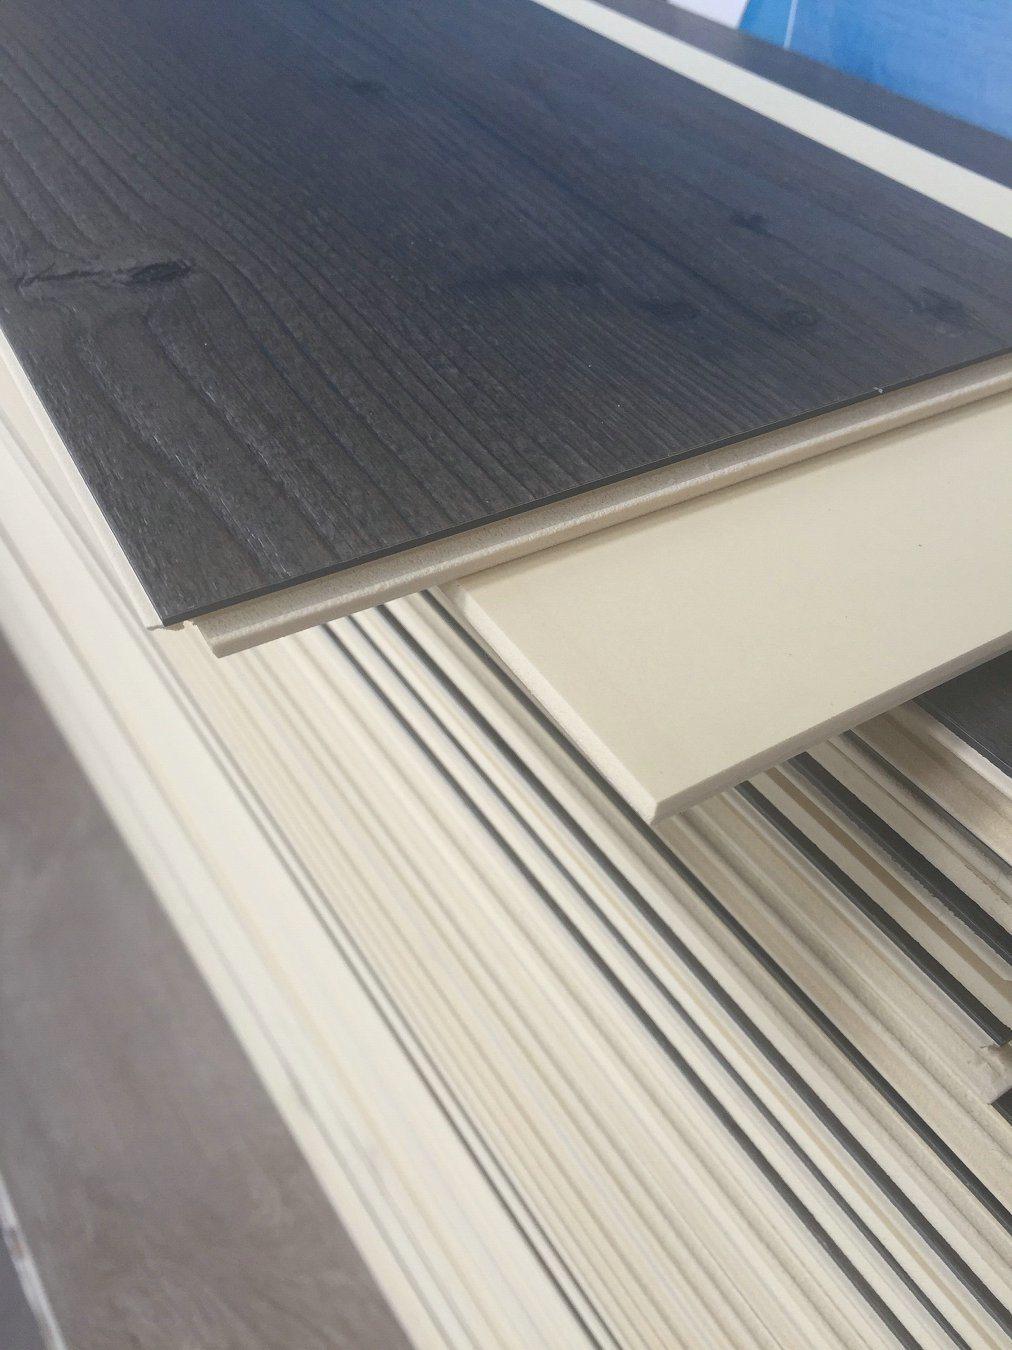 2016 New WPC Wall Panel / Waterproof Wall Cladding / Wall Tiles for Indoor /Vinyl Floor